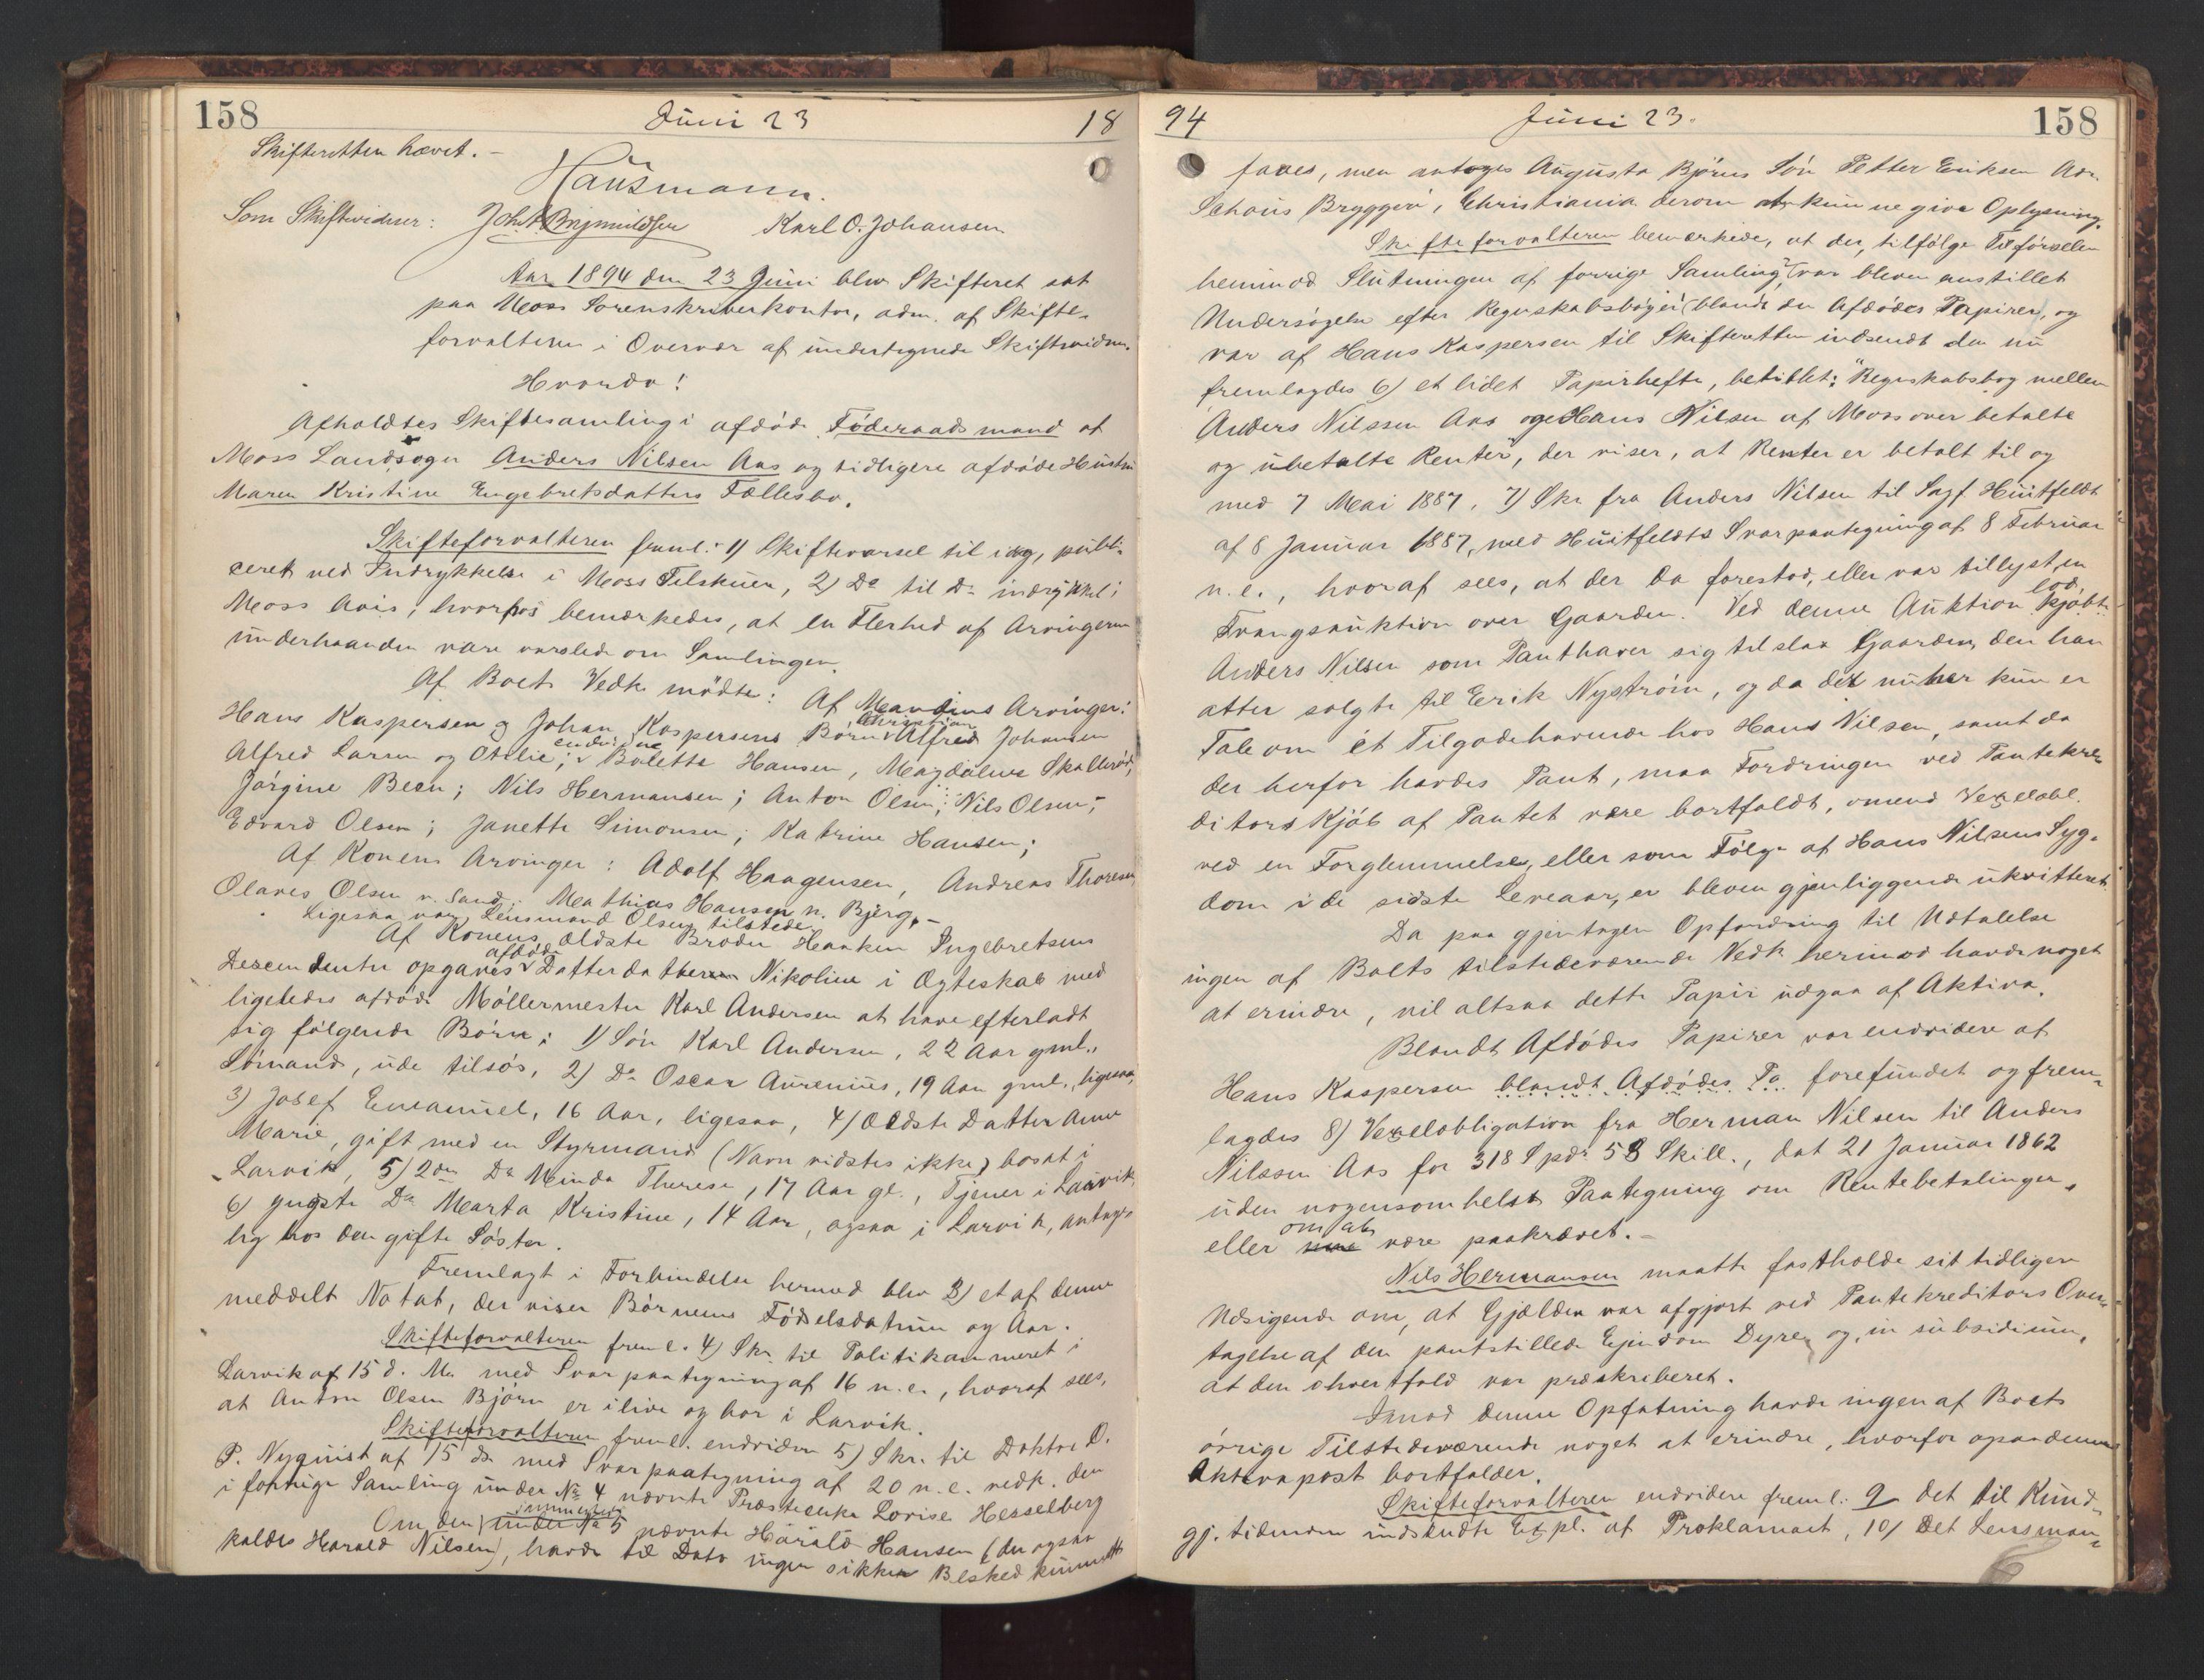 SAO, Moss sorenskriveri, 1892-1894, s. 158